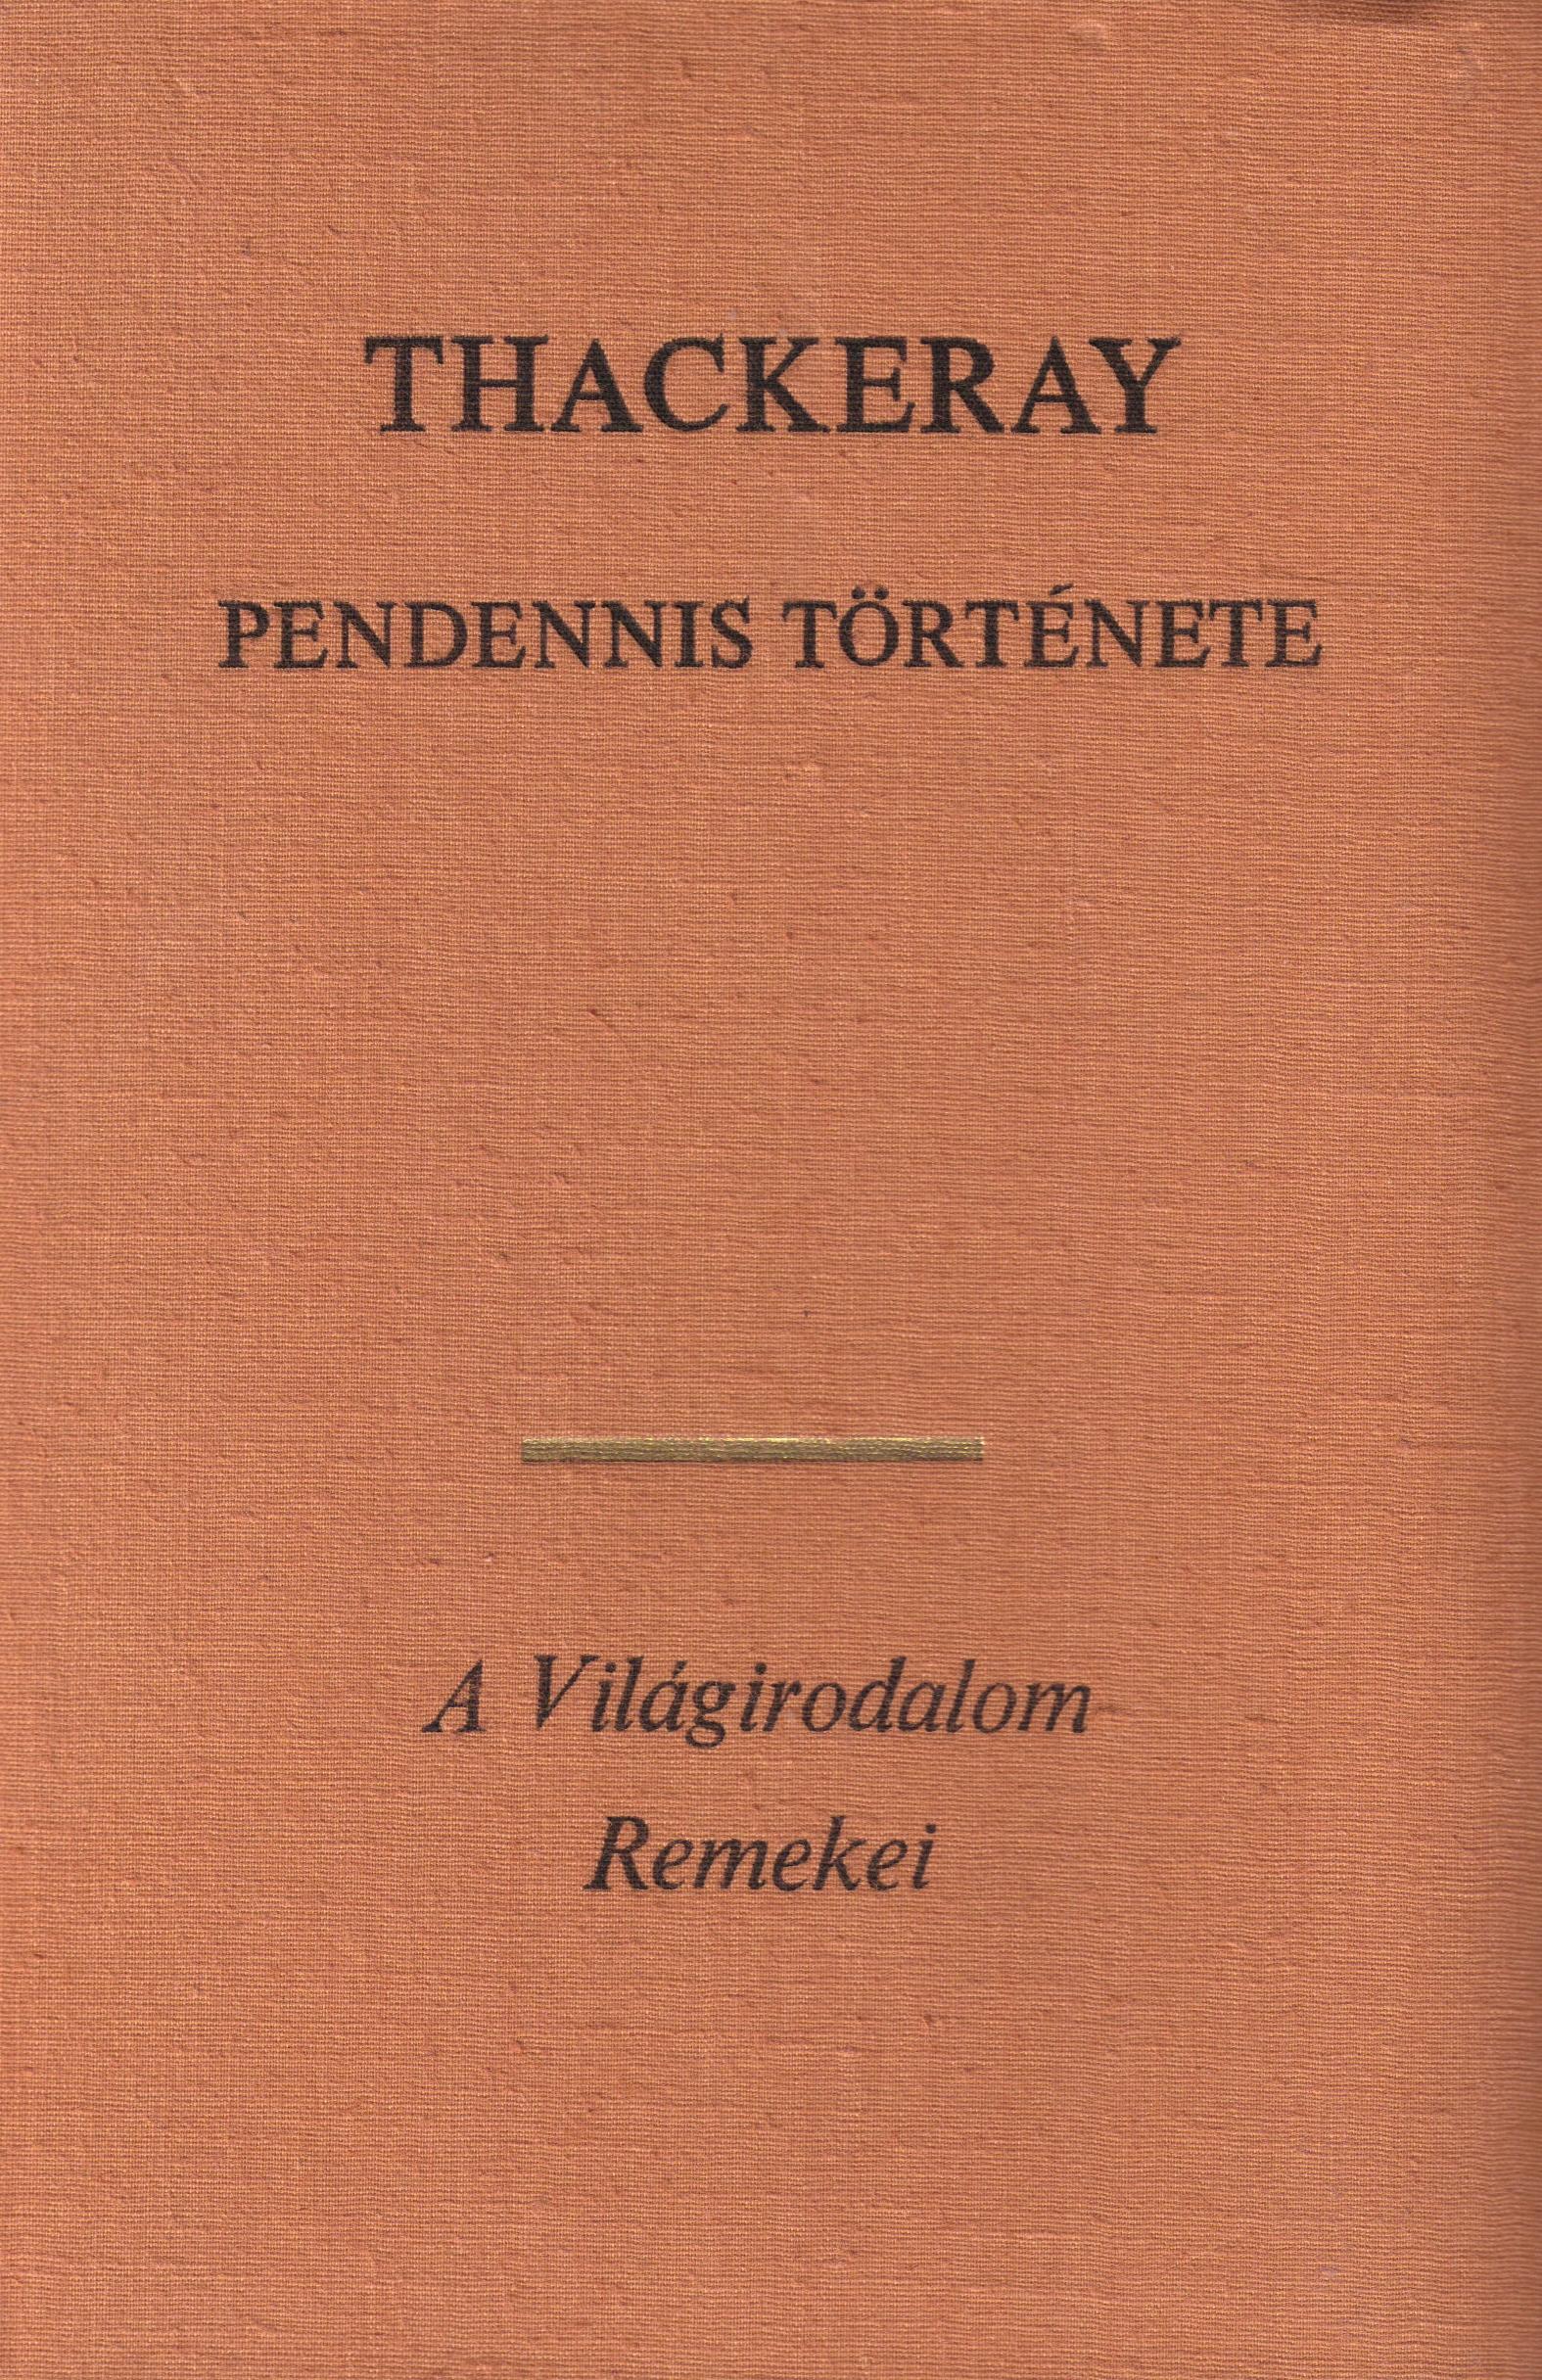 Pendennis története (könyv) - William Makepeace Thackeray  91c55209a6